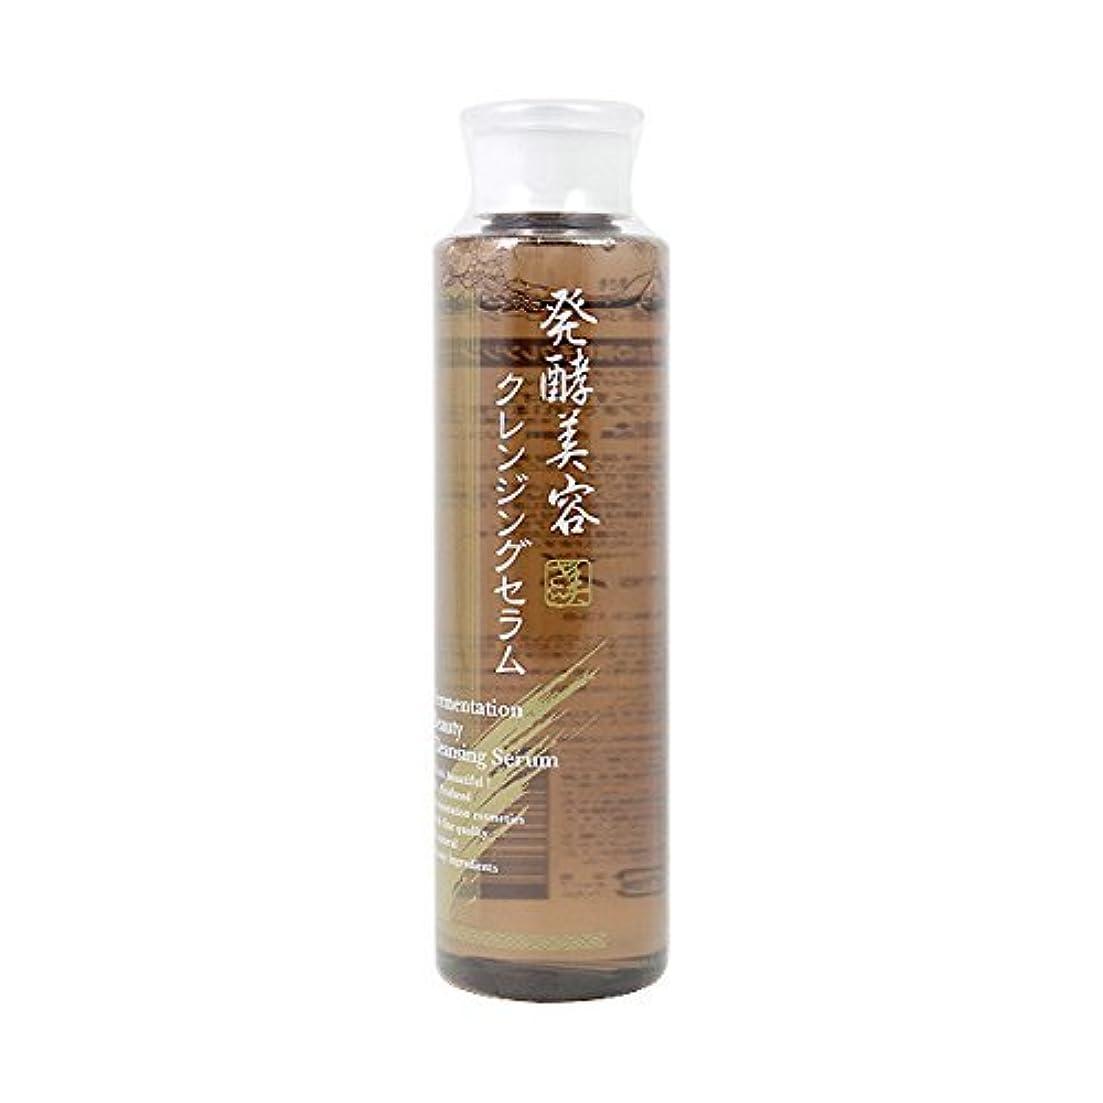 補足種類リネンシーヴァ 発酵美容 クレンジングセラム 200ml